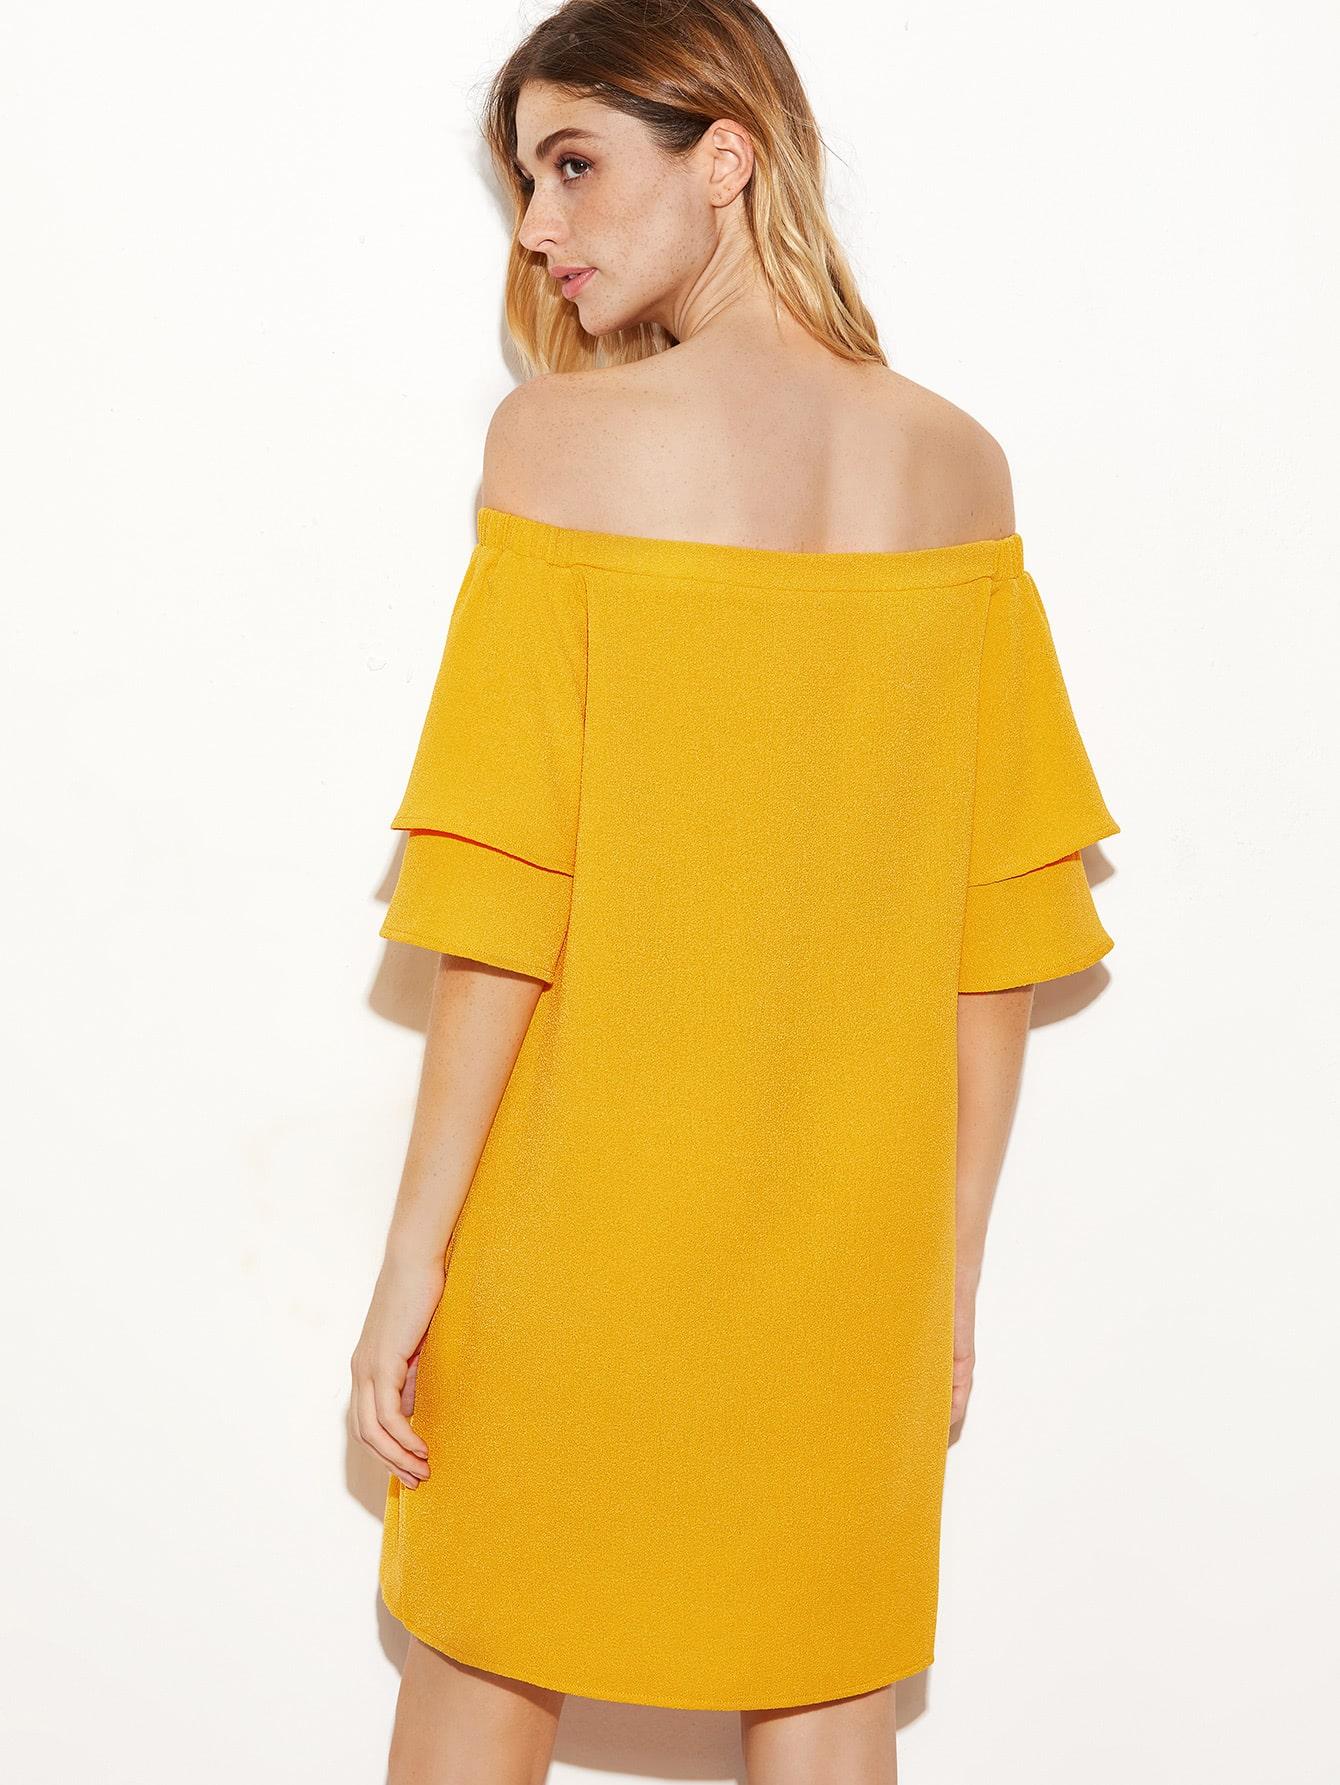 dress161118712_2